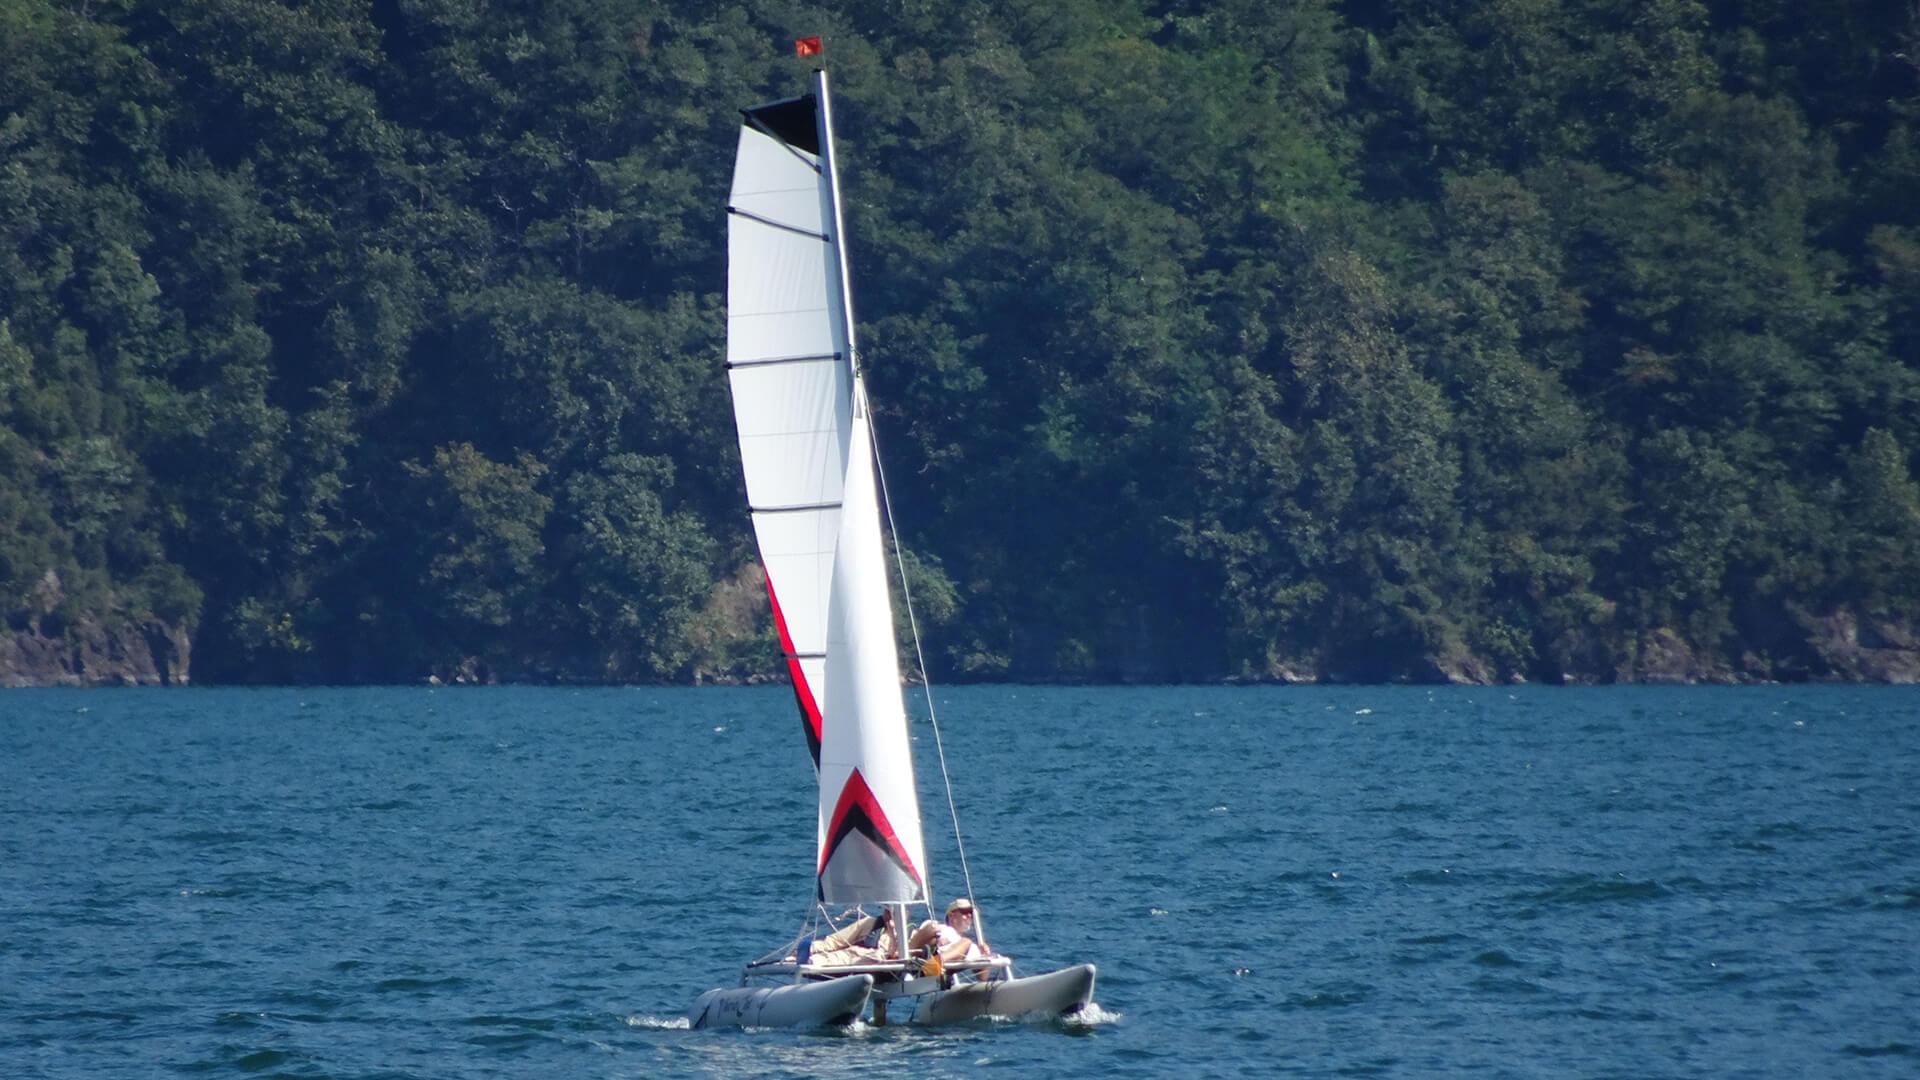 vorsegel eines segelbootes